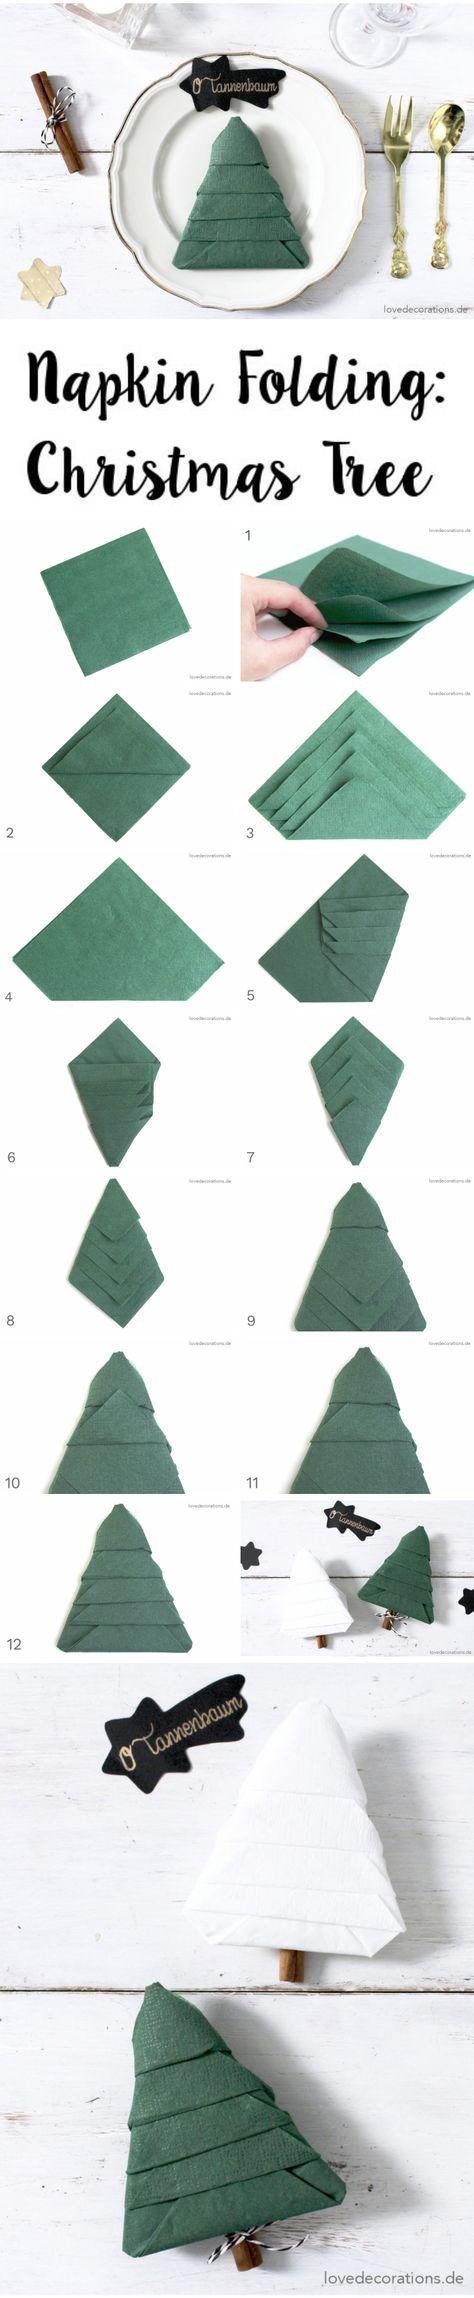 the 25+ best servietten falten tannenbaum ideas on pinterest ... - Weihnachtsservietten Falten